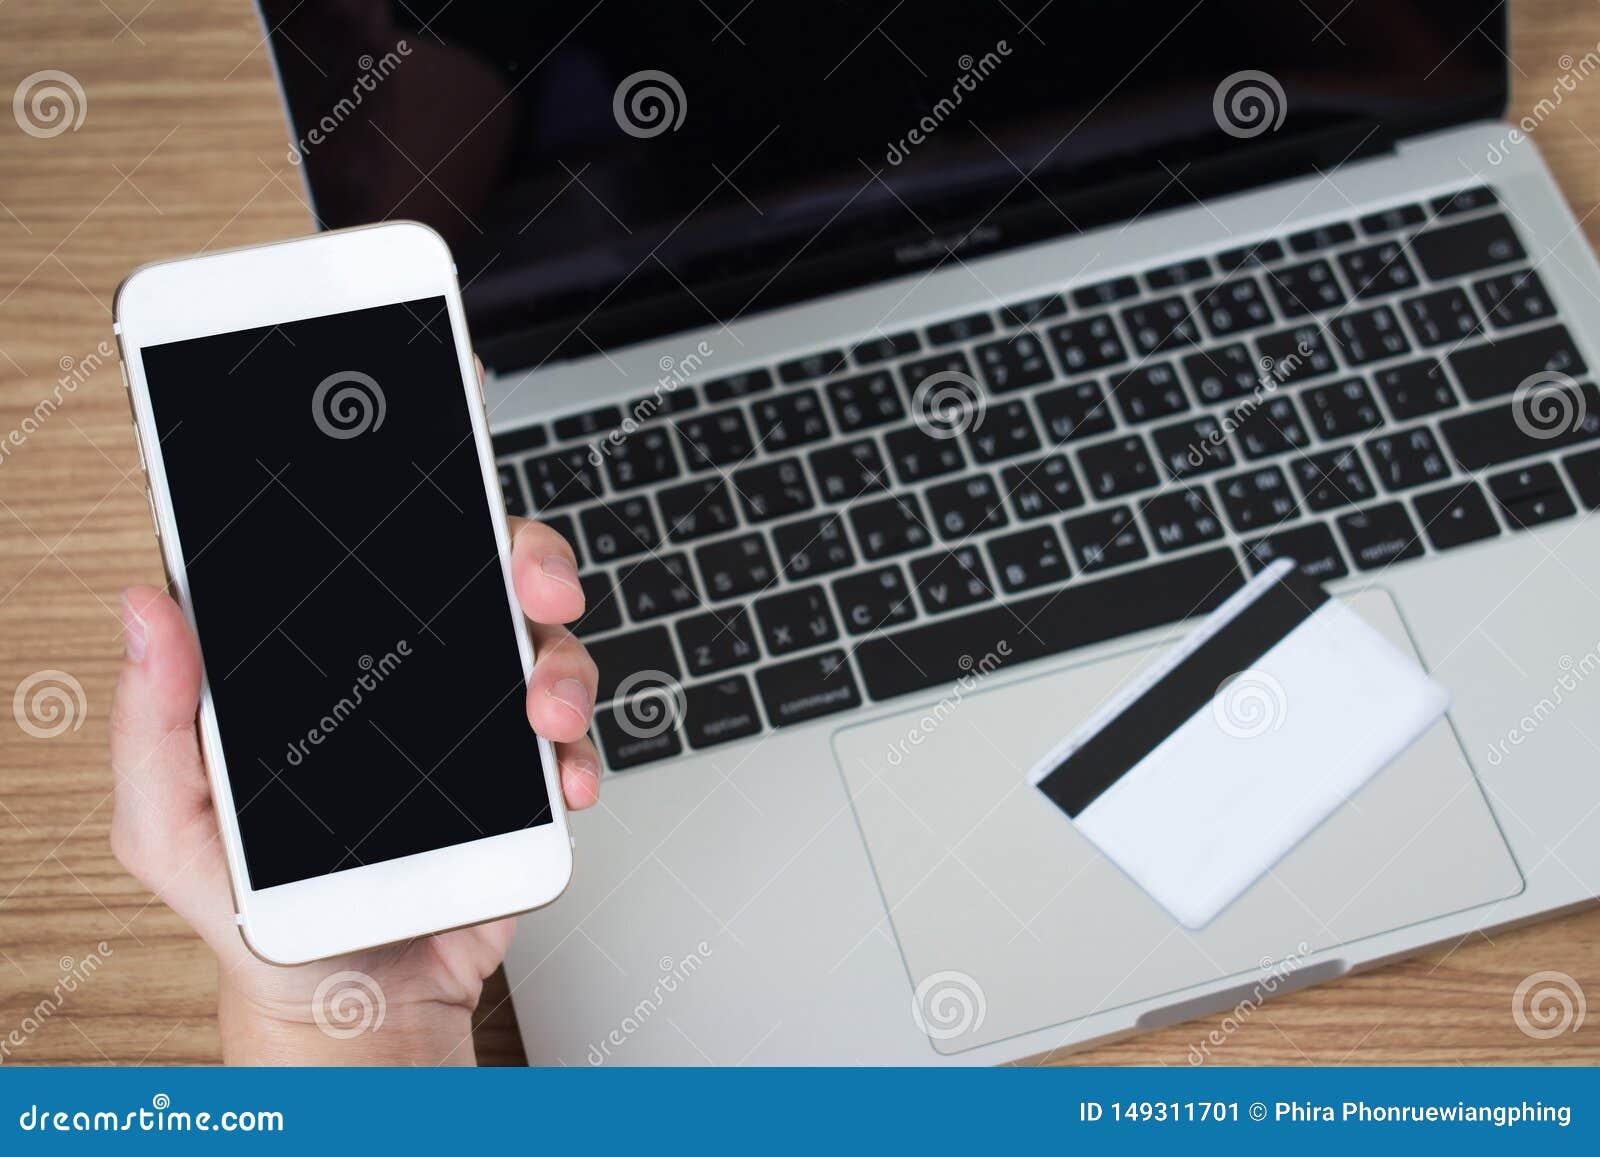 Leute benutzen Smartphones, um ?ber Kreditkarten zu zahlen Schwarzer Bildschirm Feder, Brillen und Diagramme